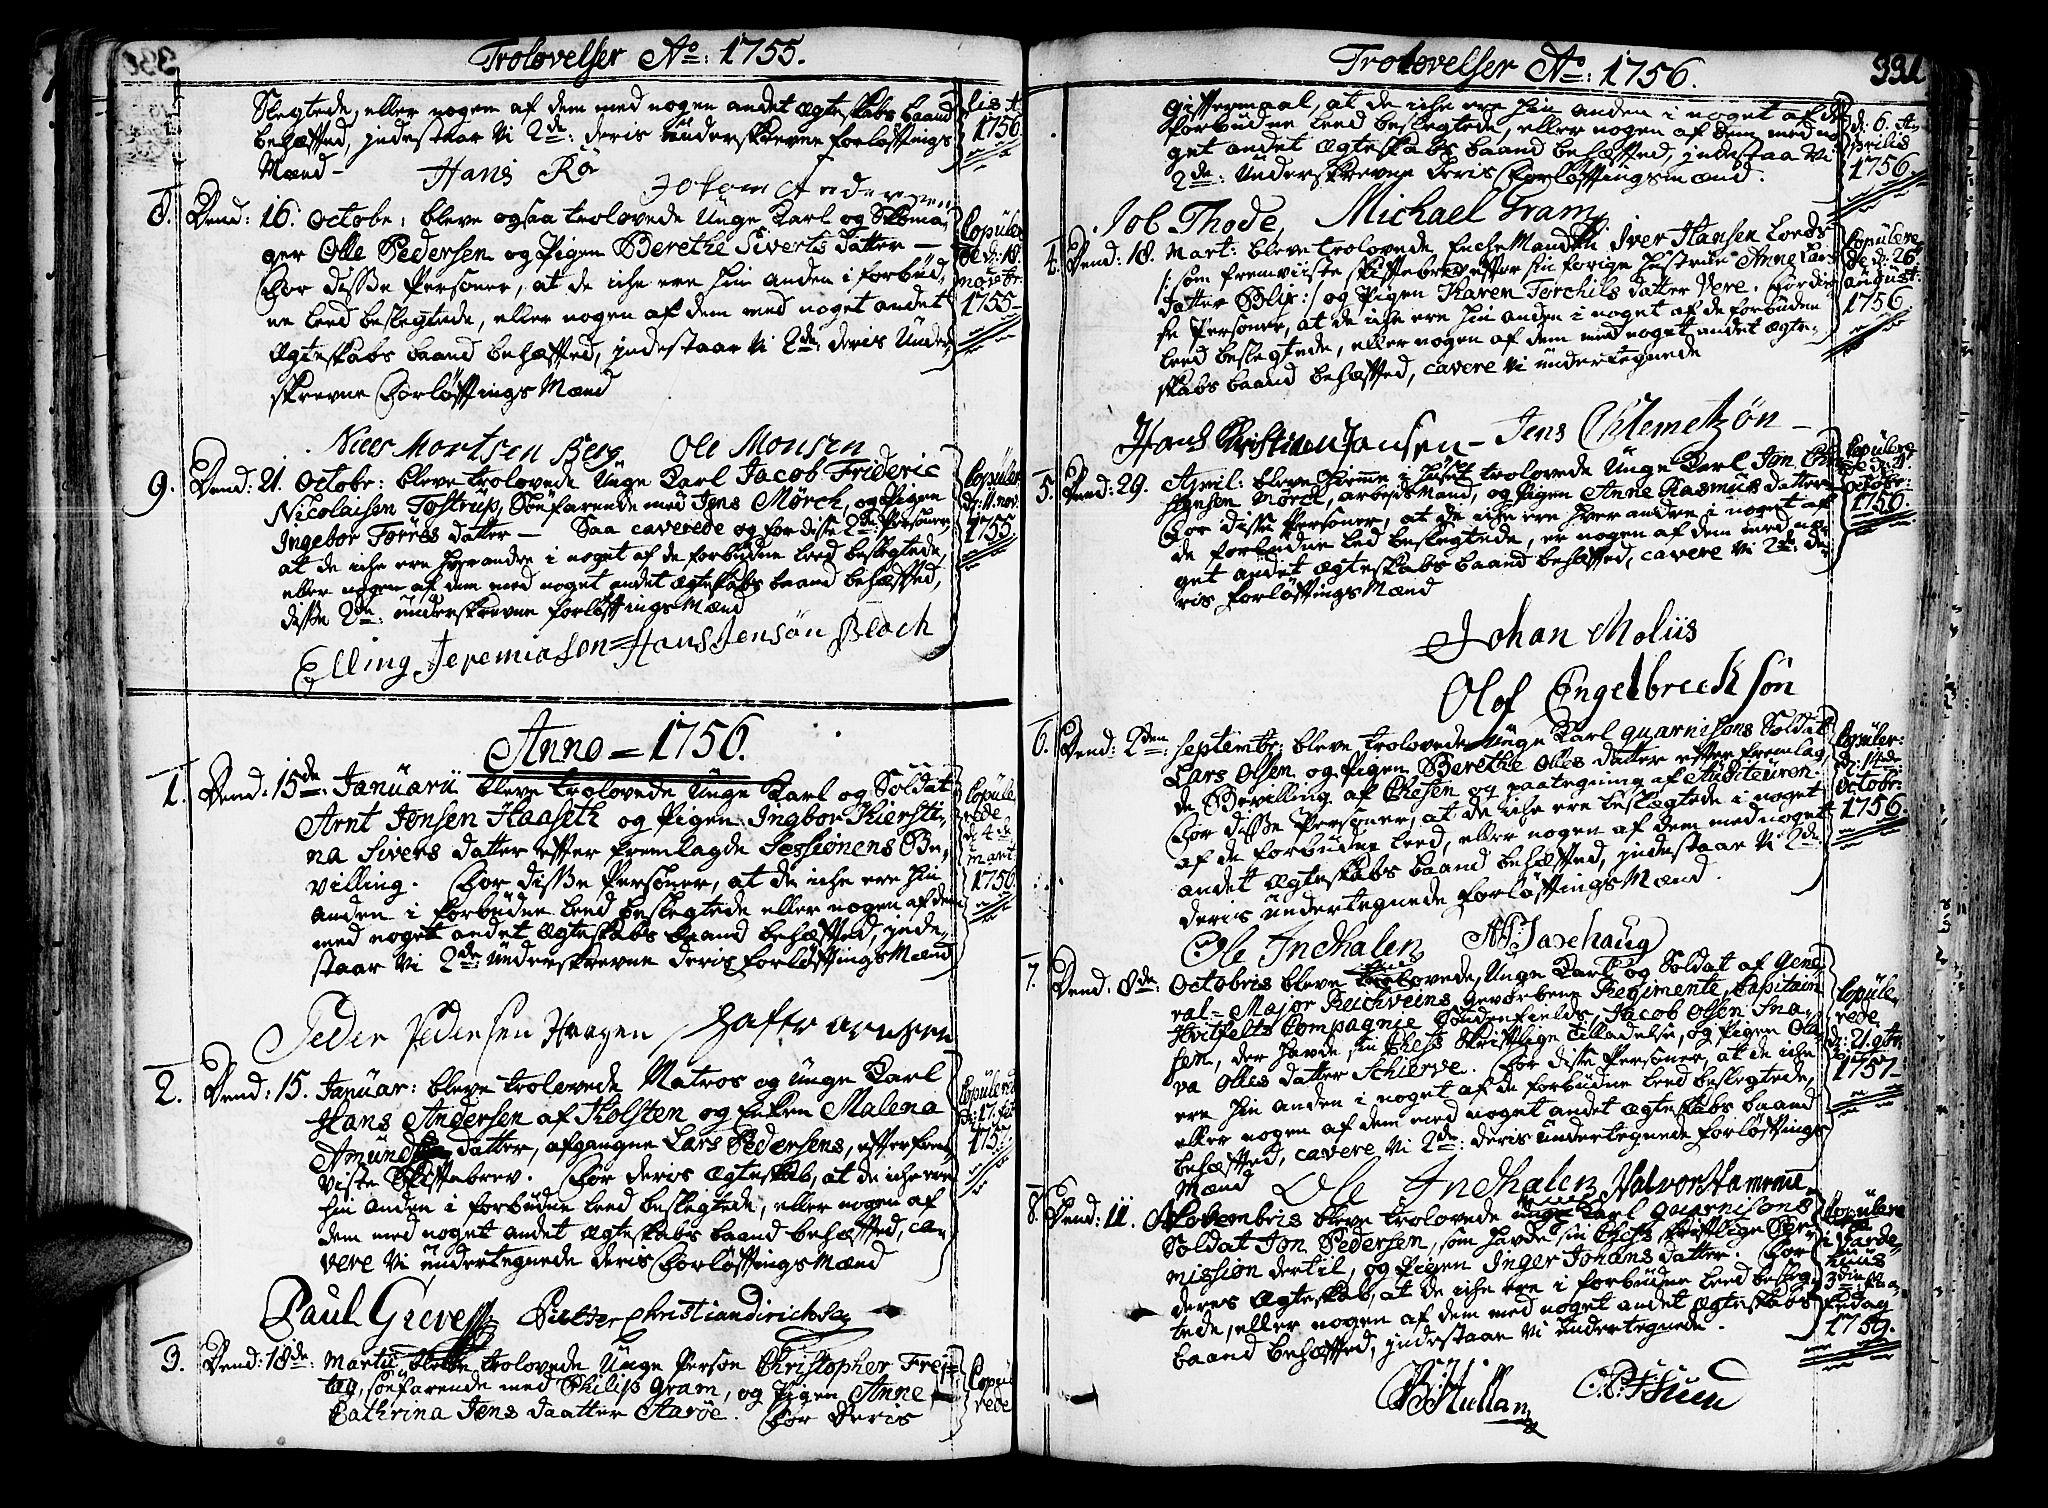 SAT, Ministerialprotokoller, klokkerbøker og fødselsregistre - Sør-Trøndelag, 602/L0103: Ministerialbok nr. 602A01, 1732-1774, s. 331